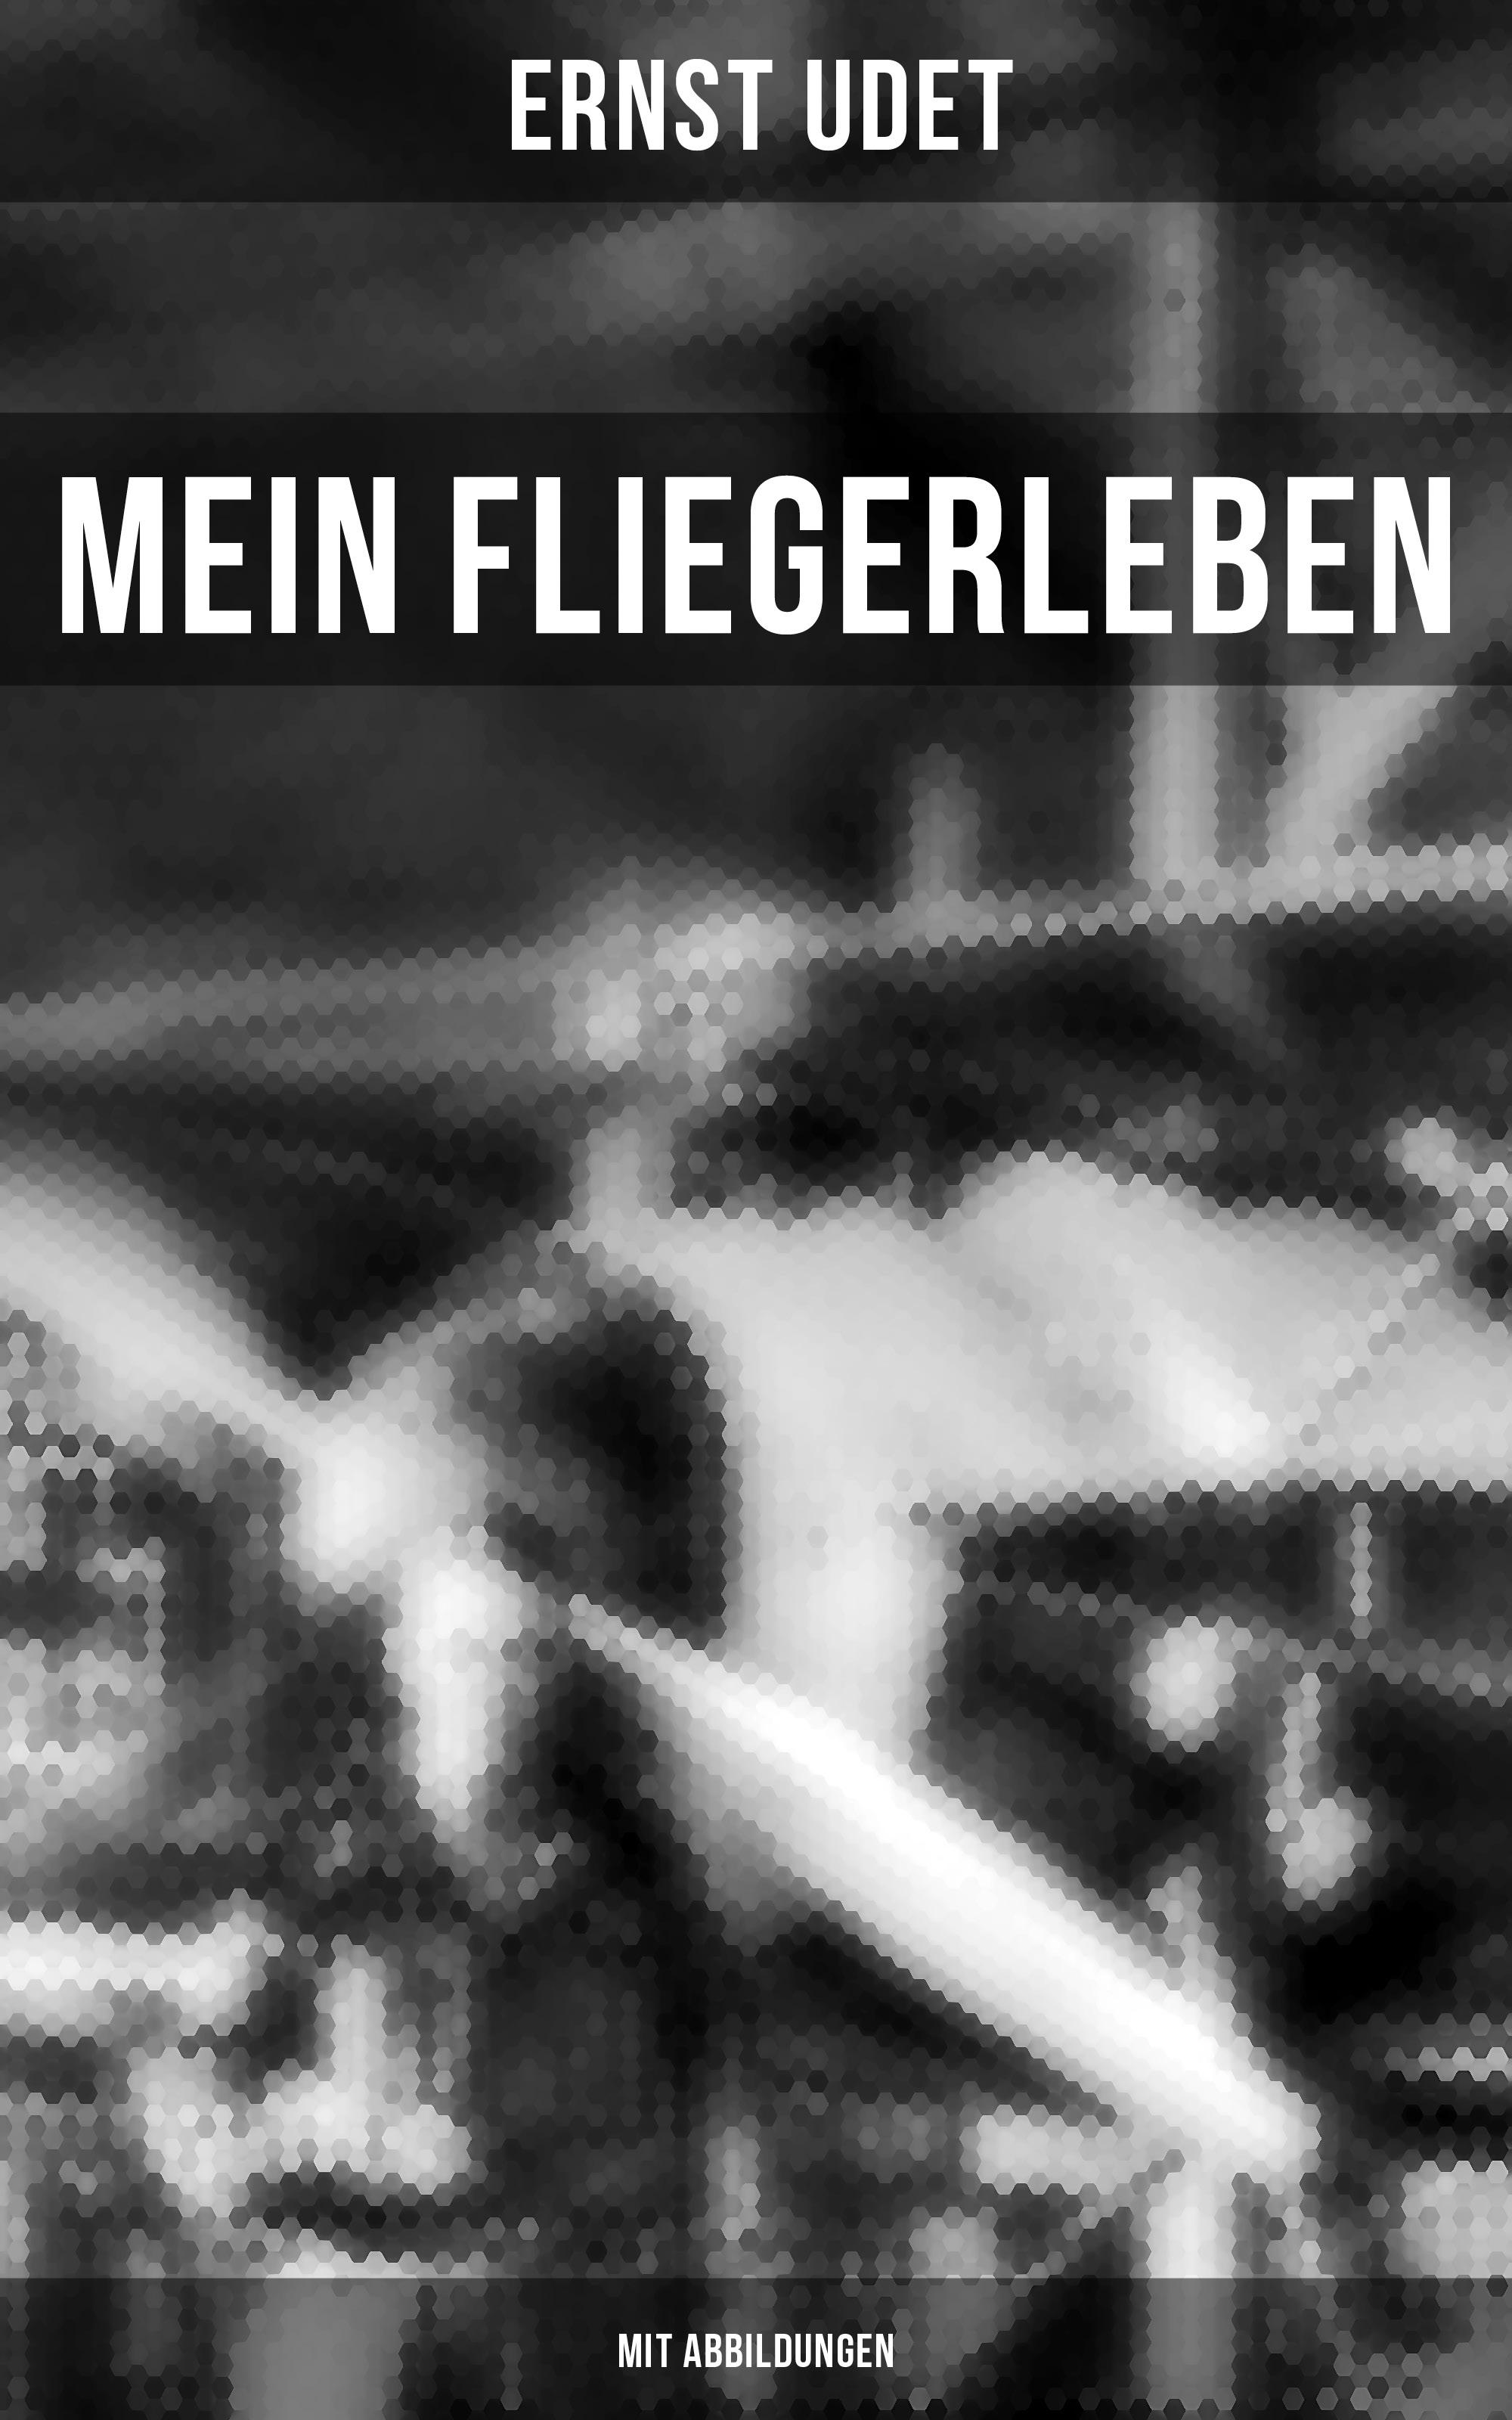 Ernst Udet Mein Fliegerleben (Mit Abbildungen)